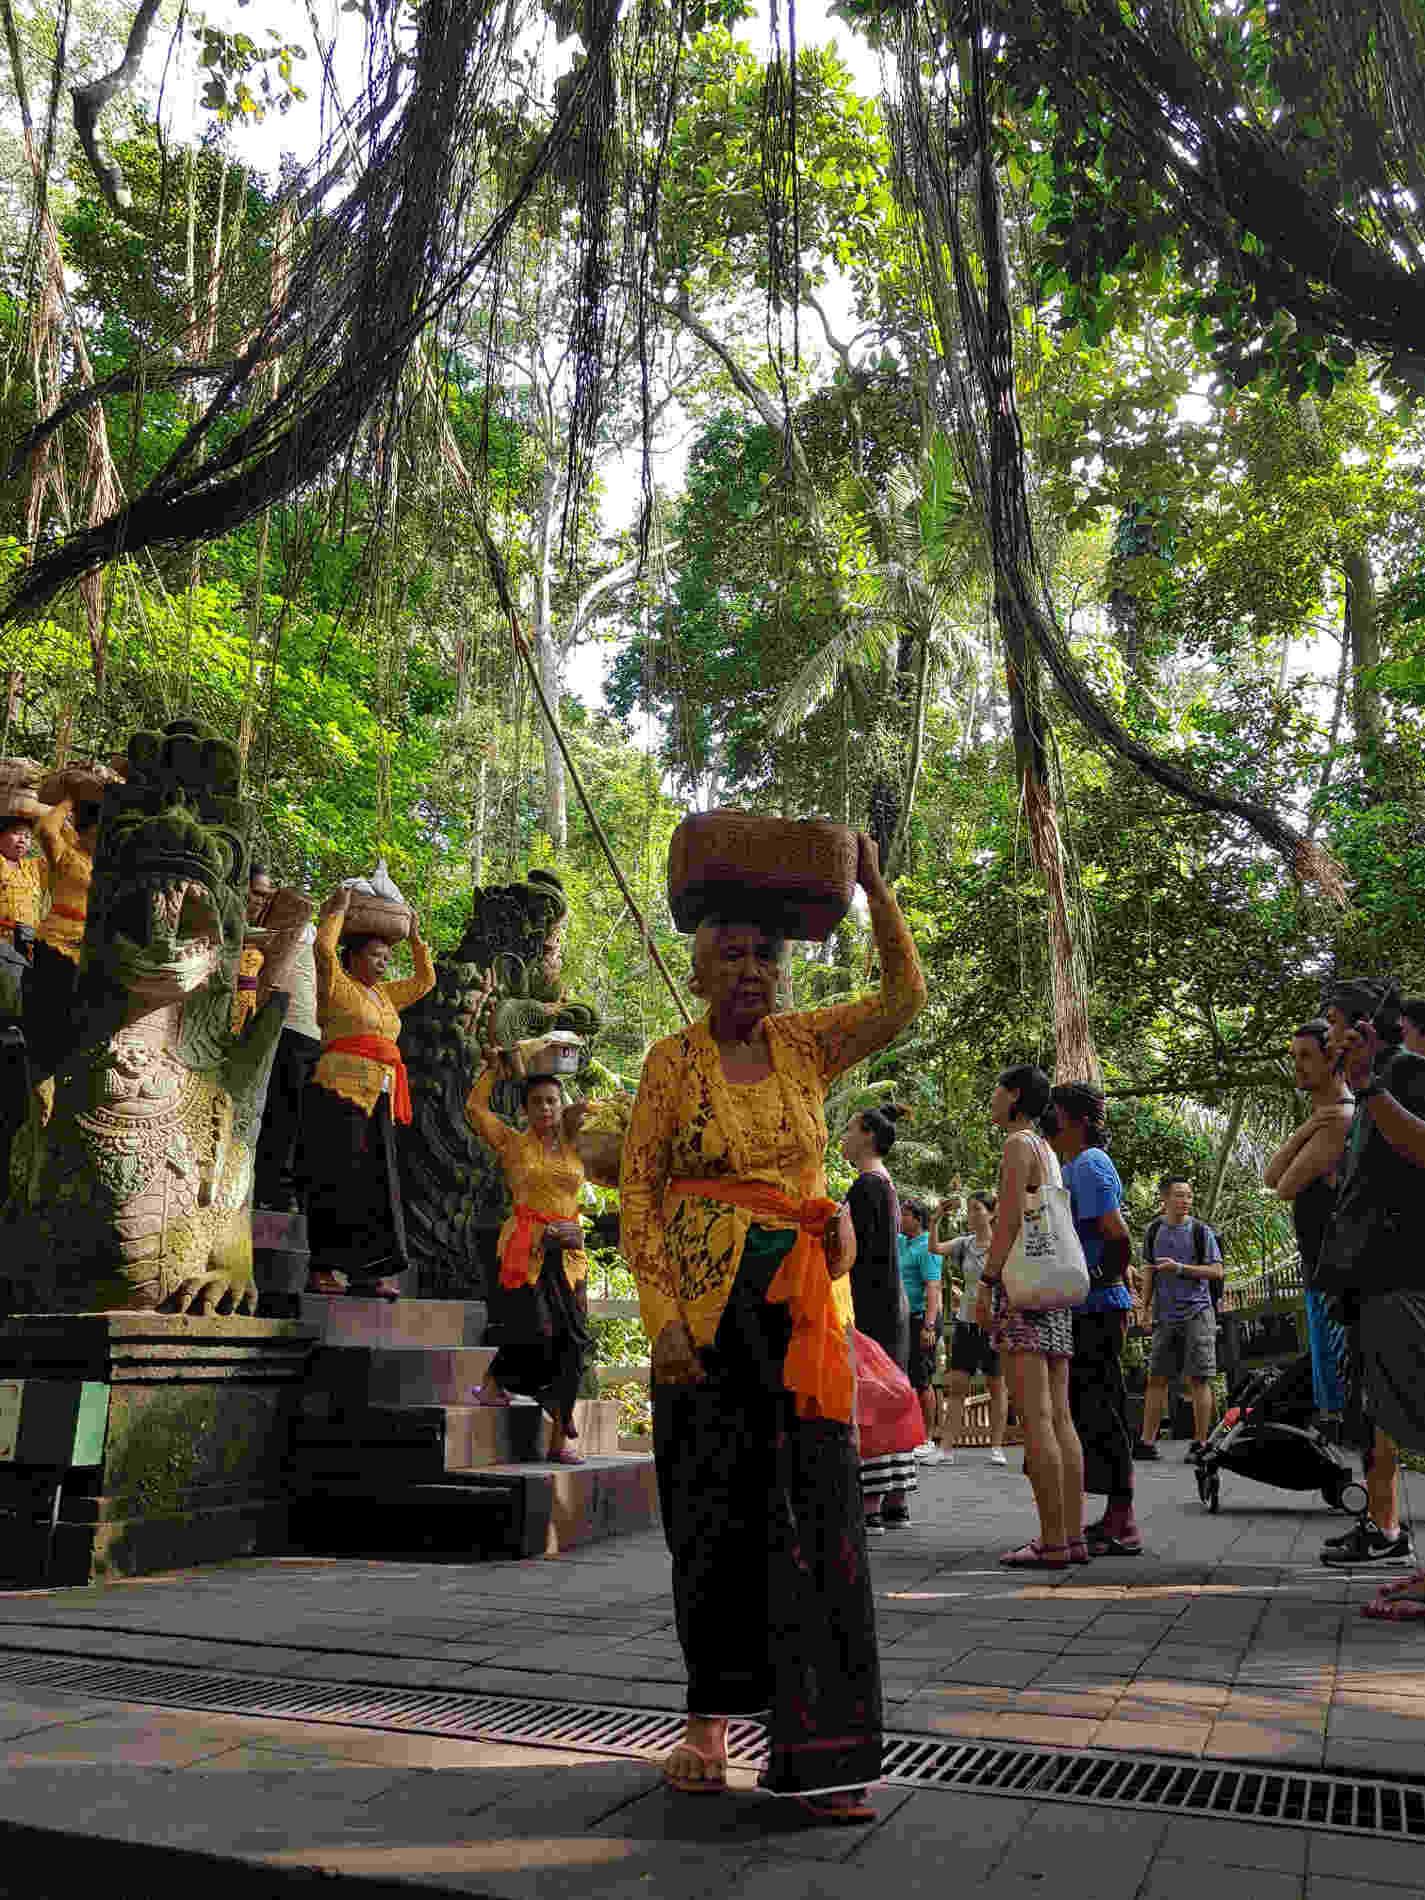 Itinerario a Bali -La Puja nella Monkey Forest vicino a Ubud